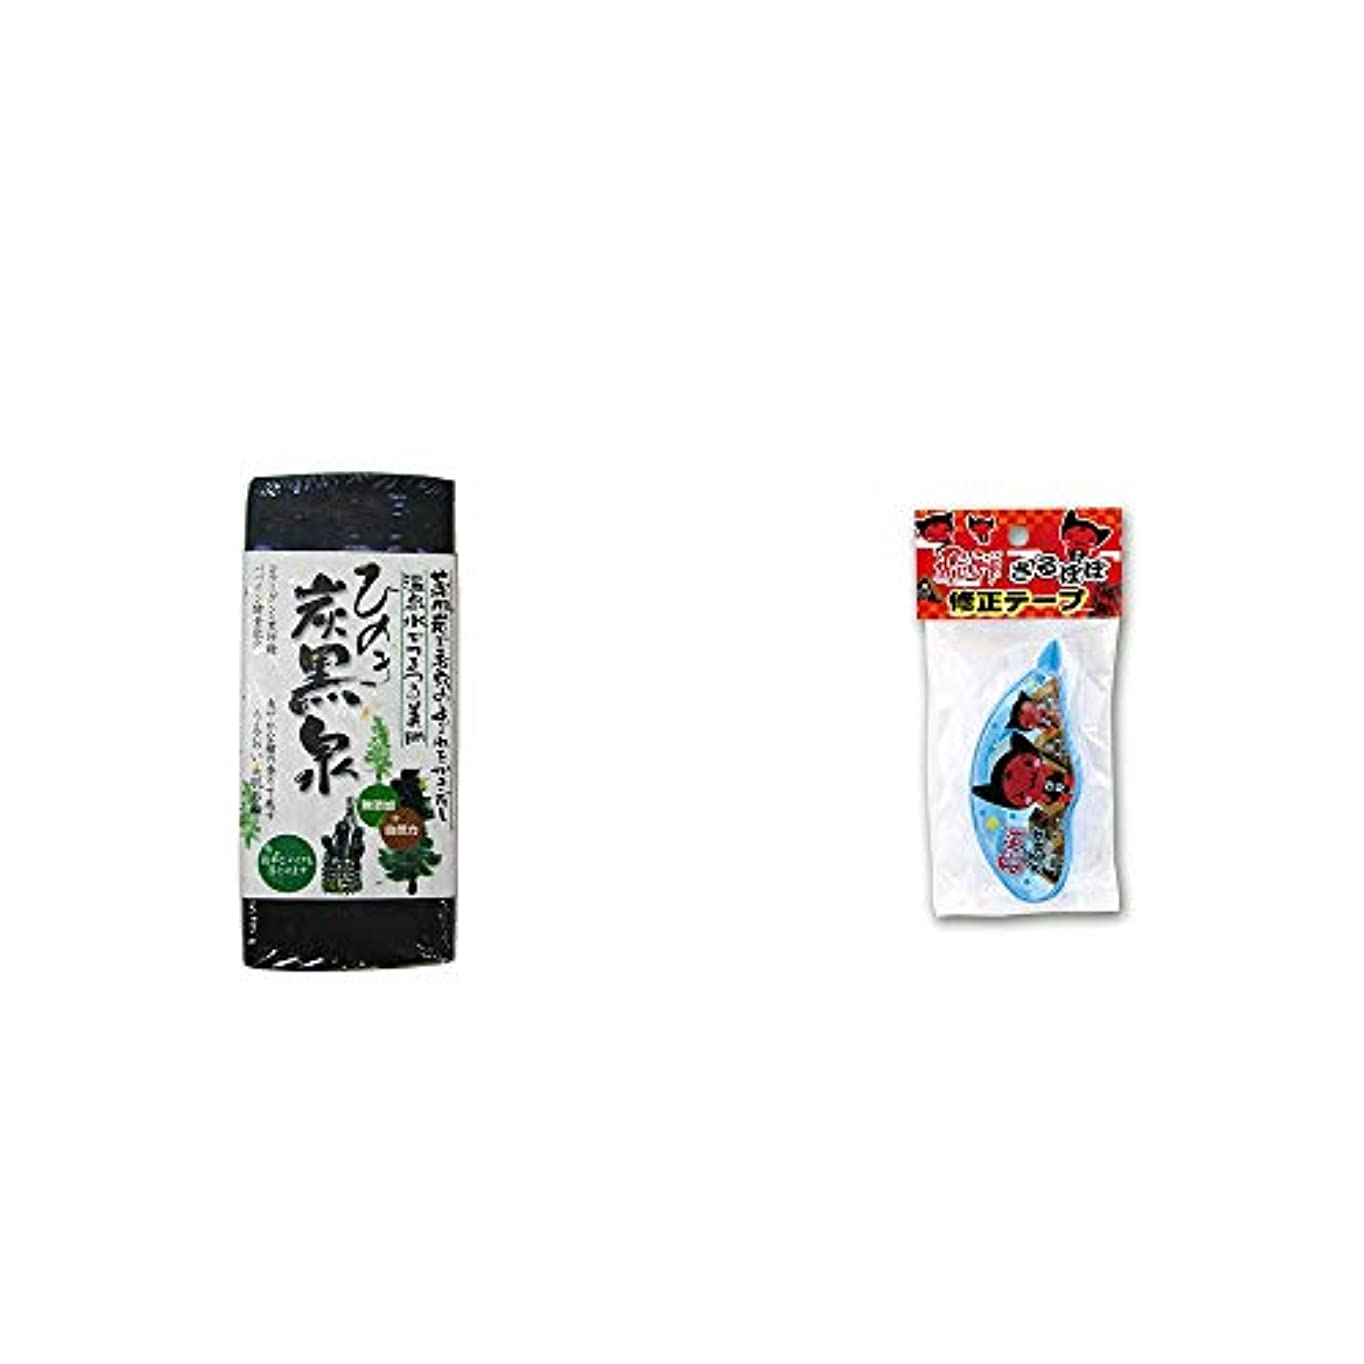 シート征服者ブリーク[2点セット] ひのき炭黒泉(75g×2)?さるぼぼ 修正テープ【ピンク】